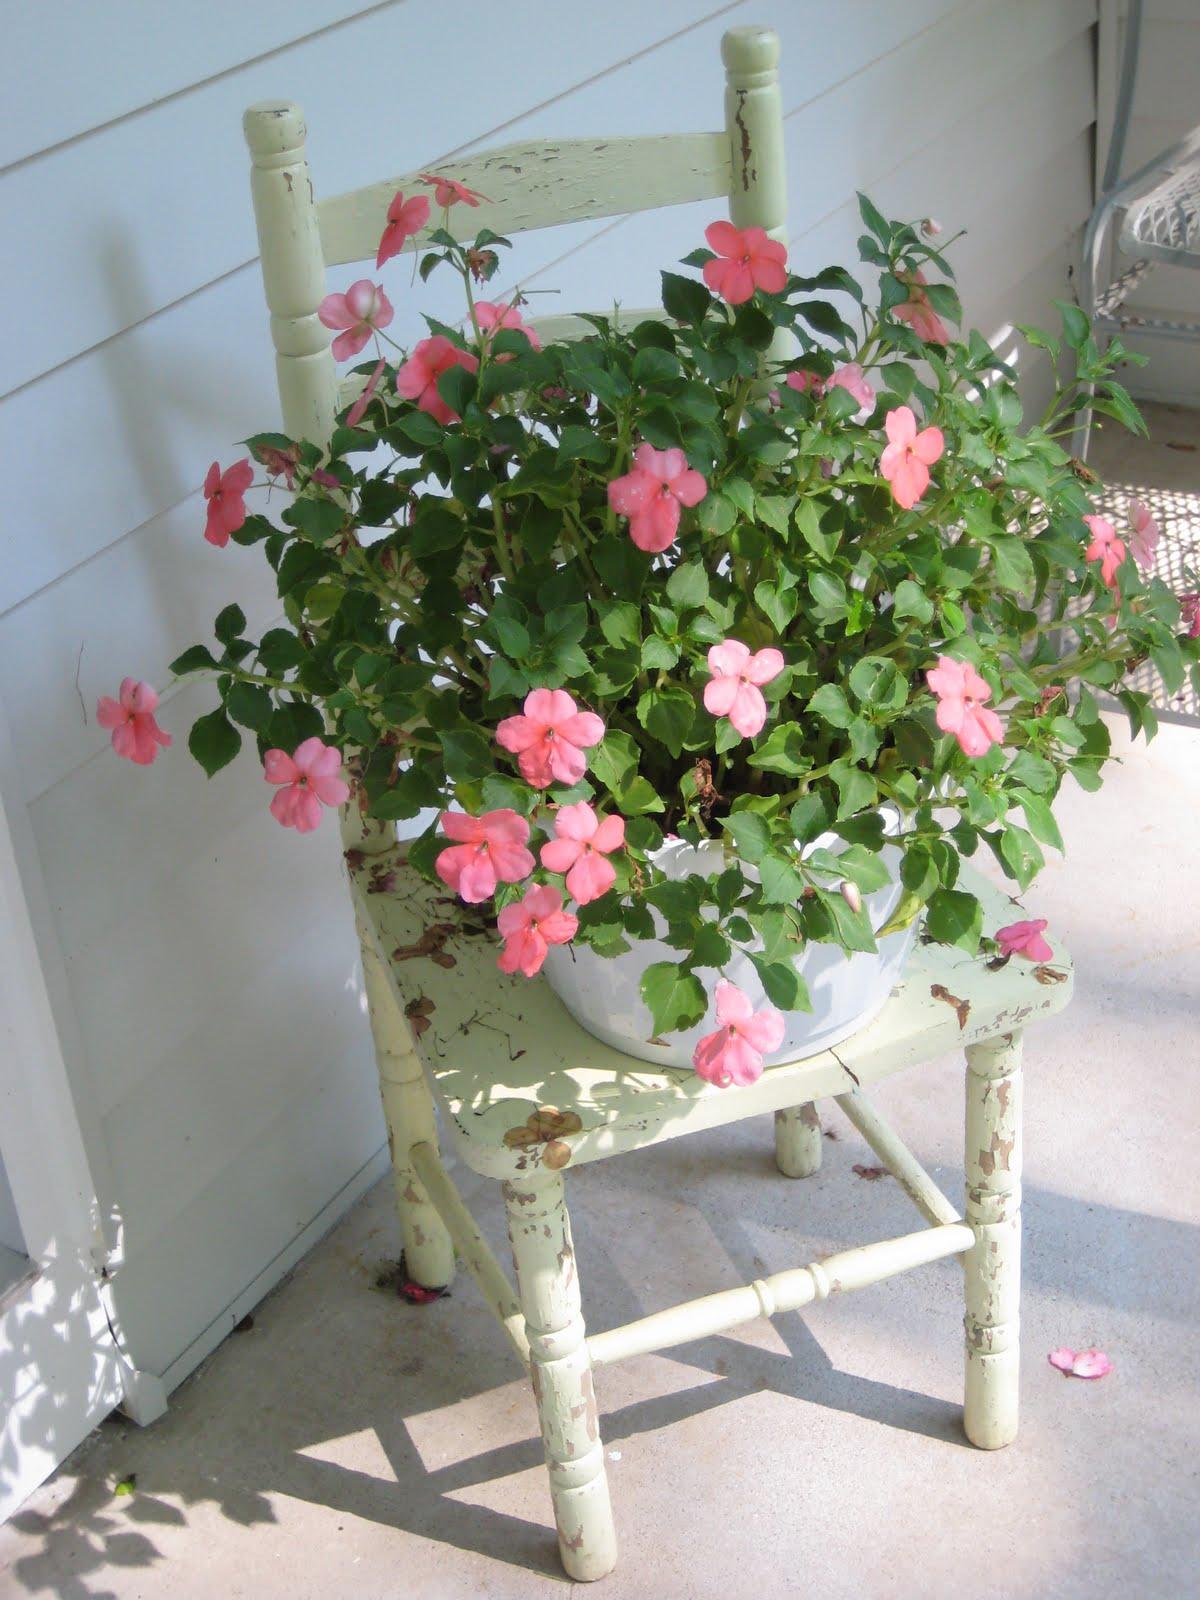 C Dianne Zweig Kitsch n Stuff Decorating With Garden Antiques